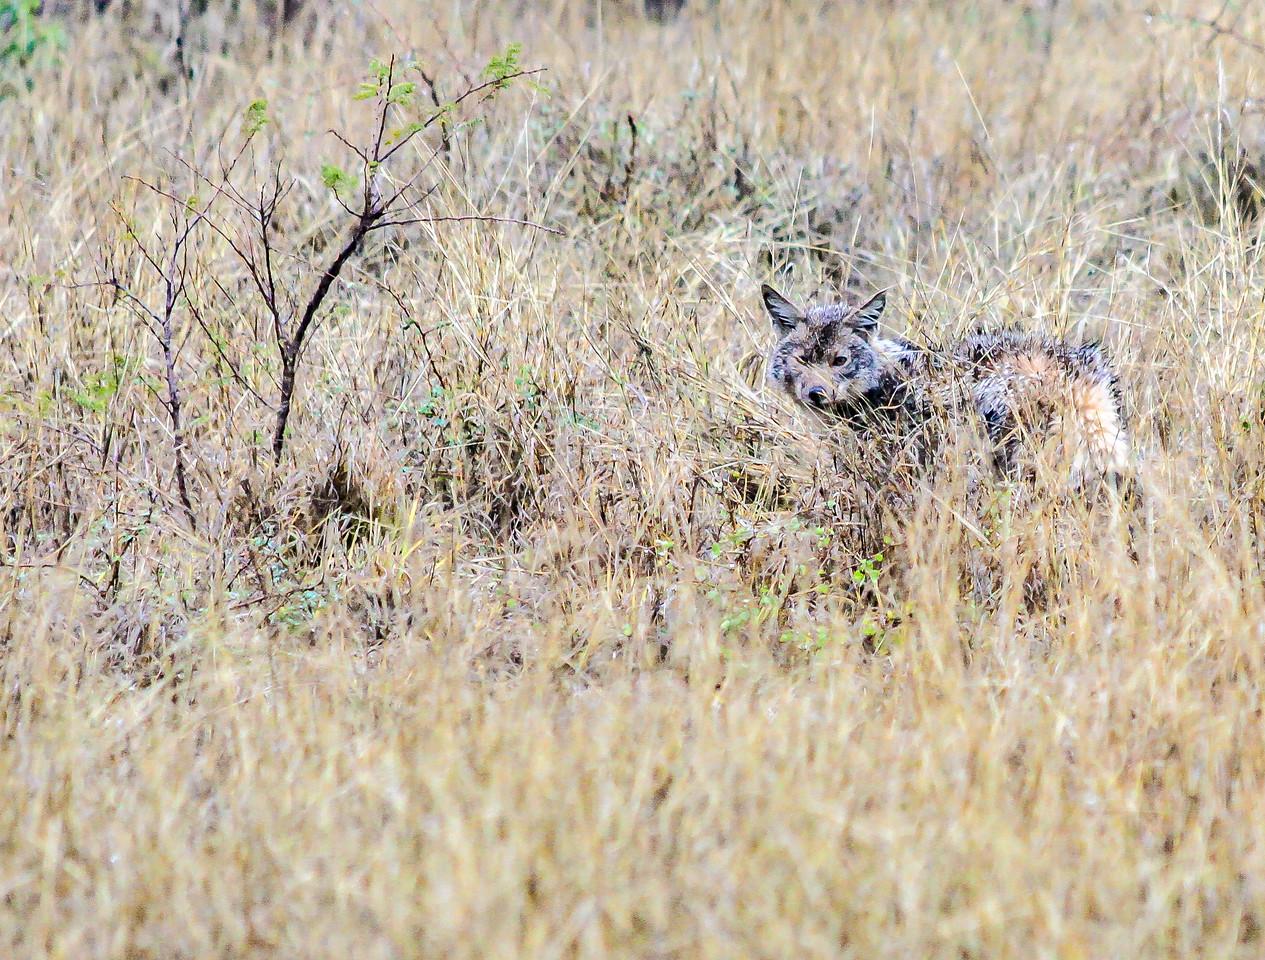 Jackal ~ Kruger National Park, South Africa